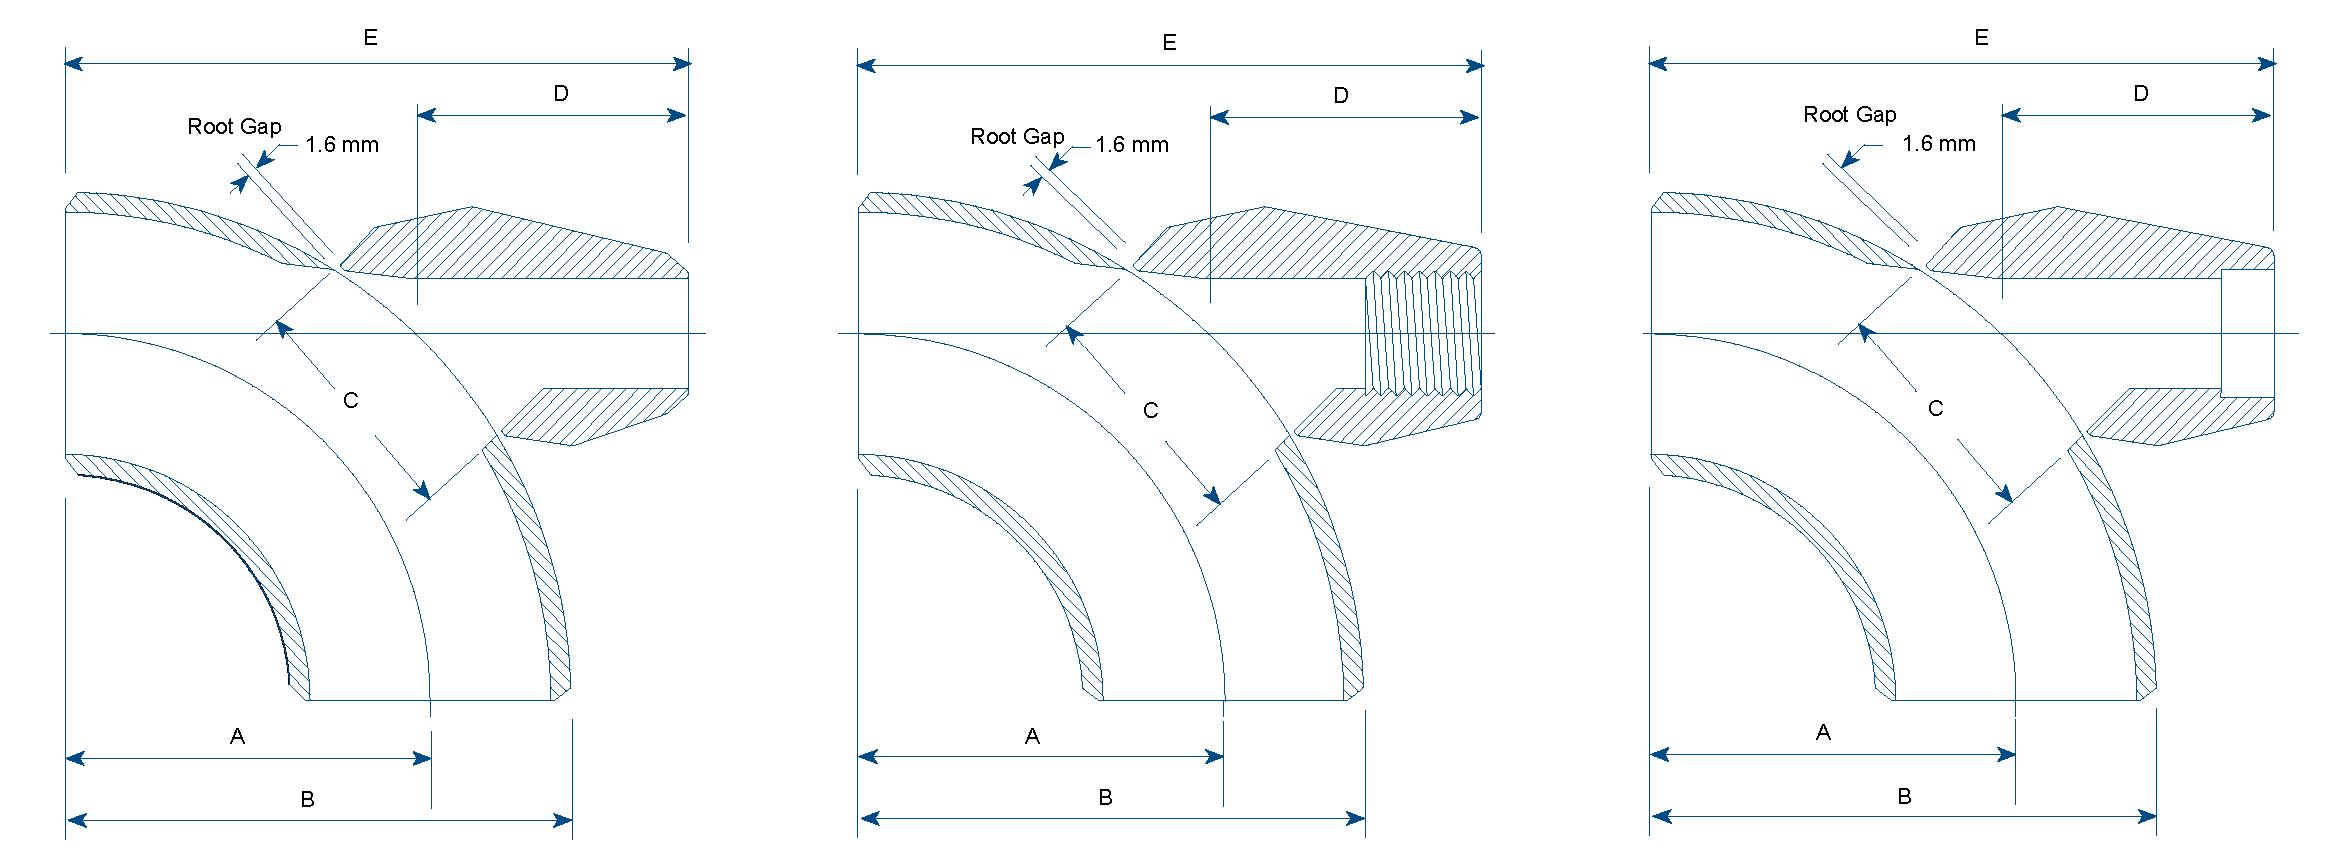 Elbolet And Elbolet Dimensions